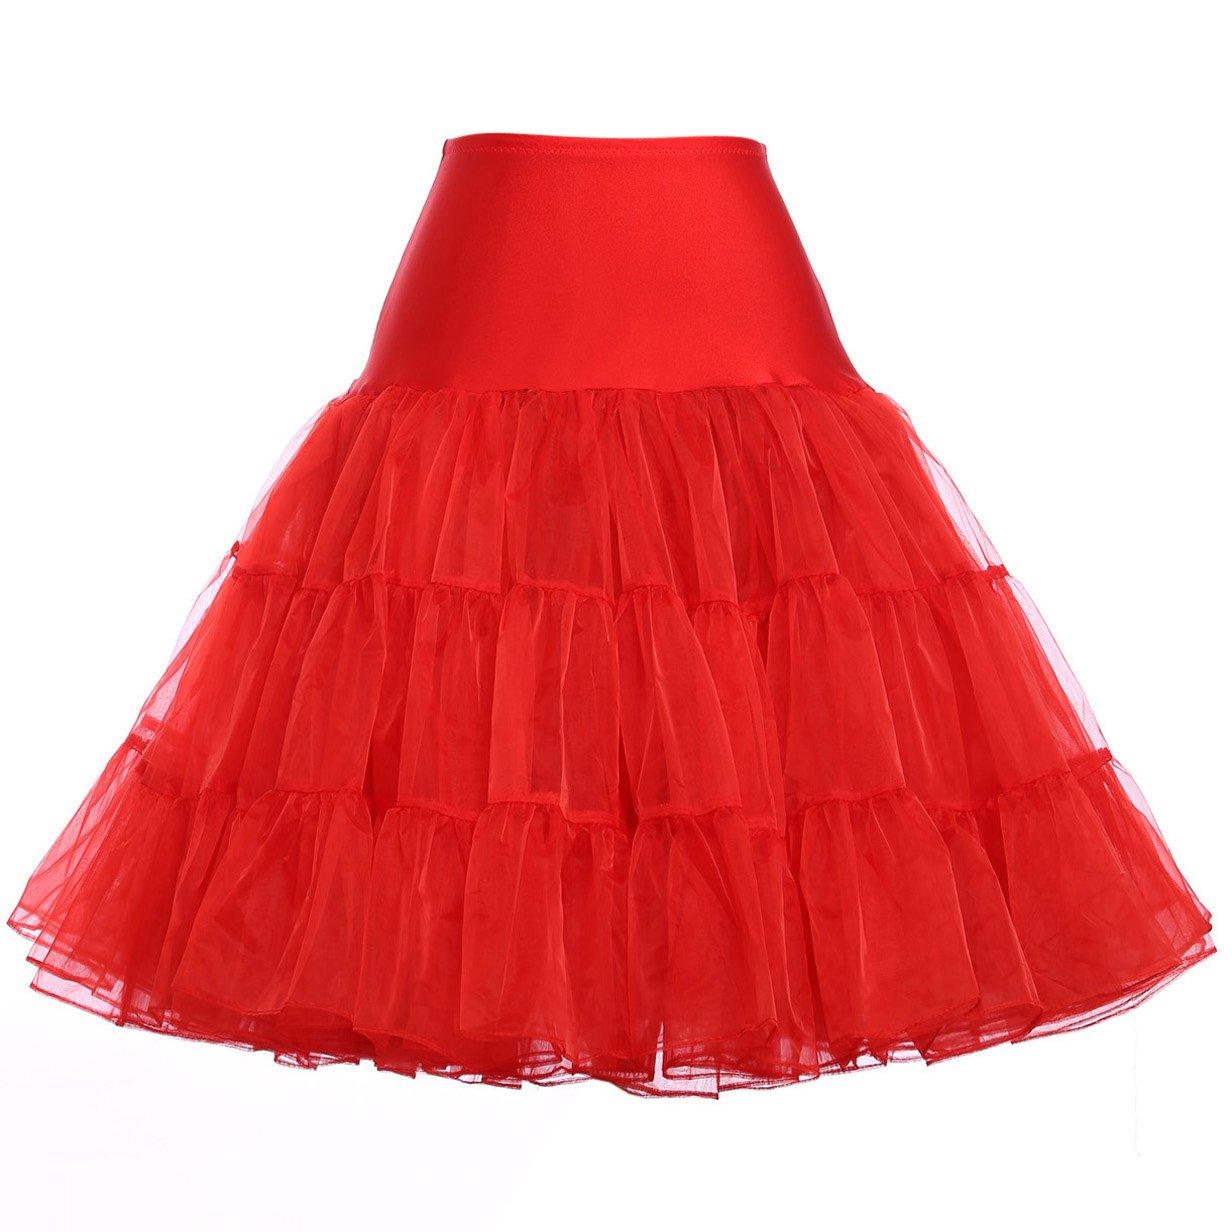 50s Retro Petticoat Underskirt Plus Size Vintage Swing Rockabilly Crinoline